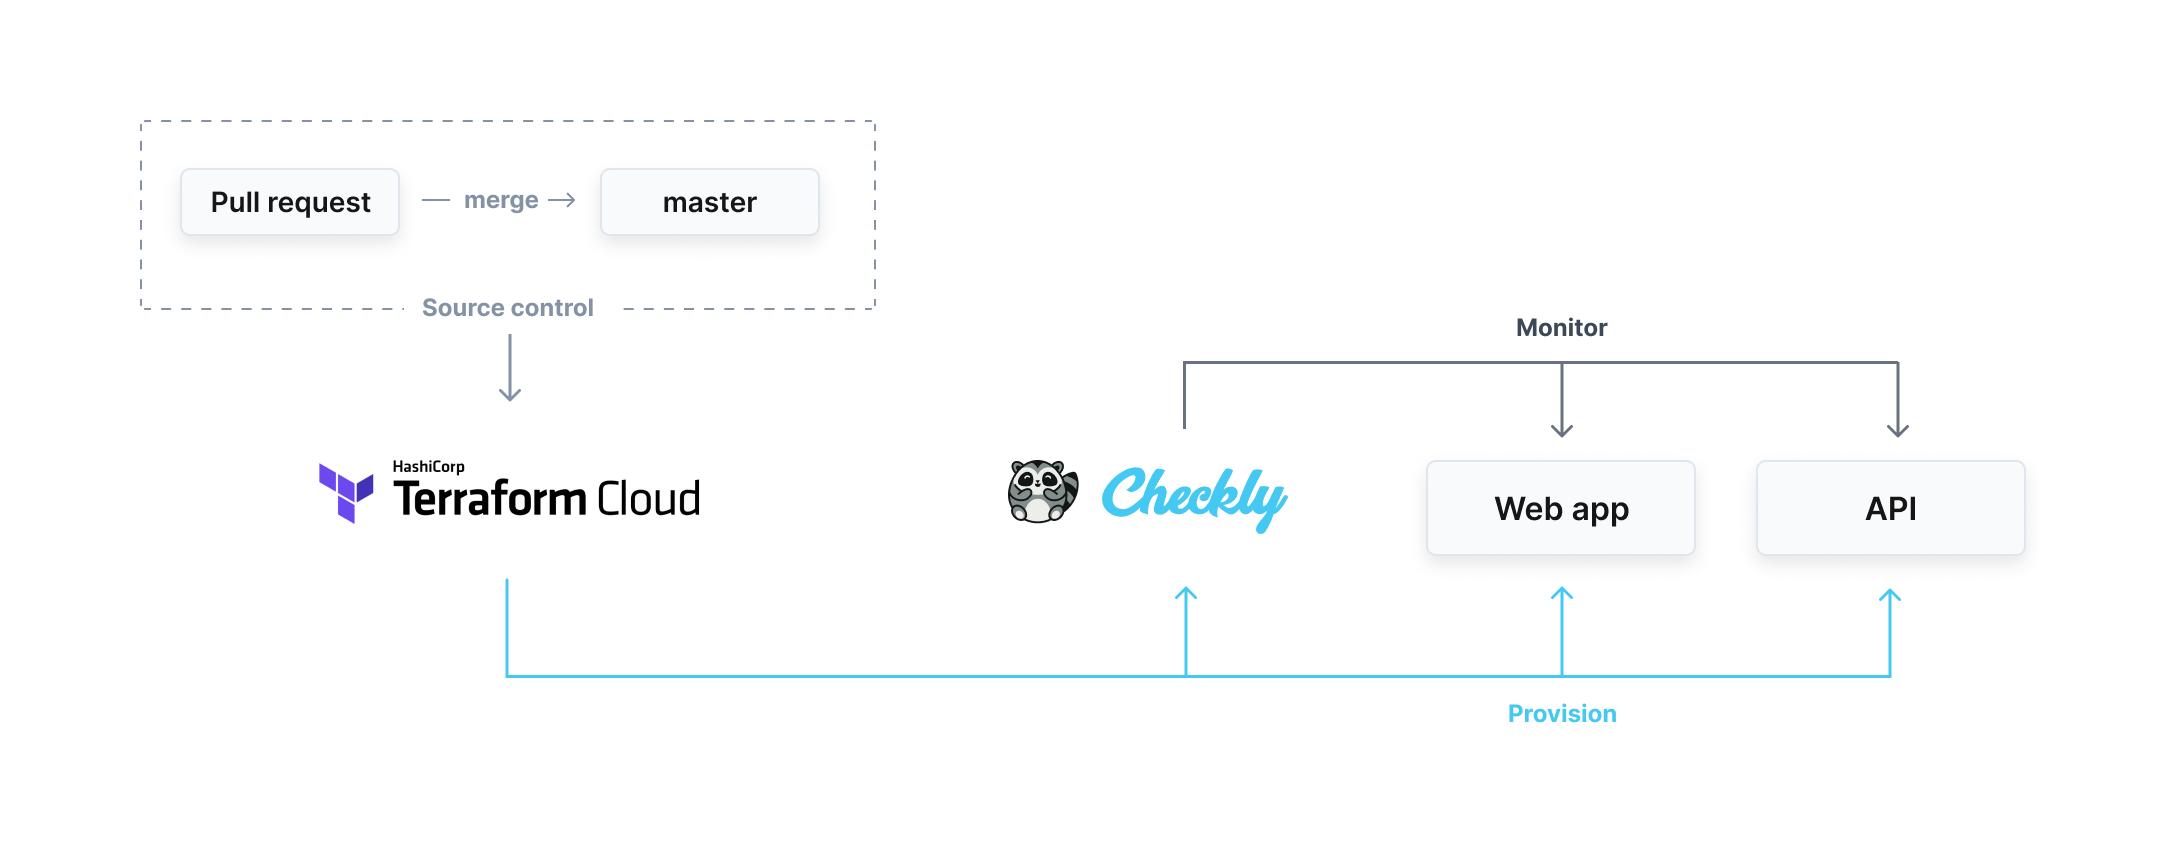 Terraform Cloud to Checkly workflow diagram